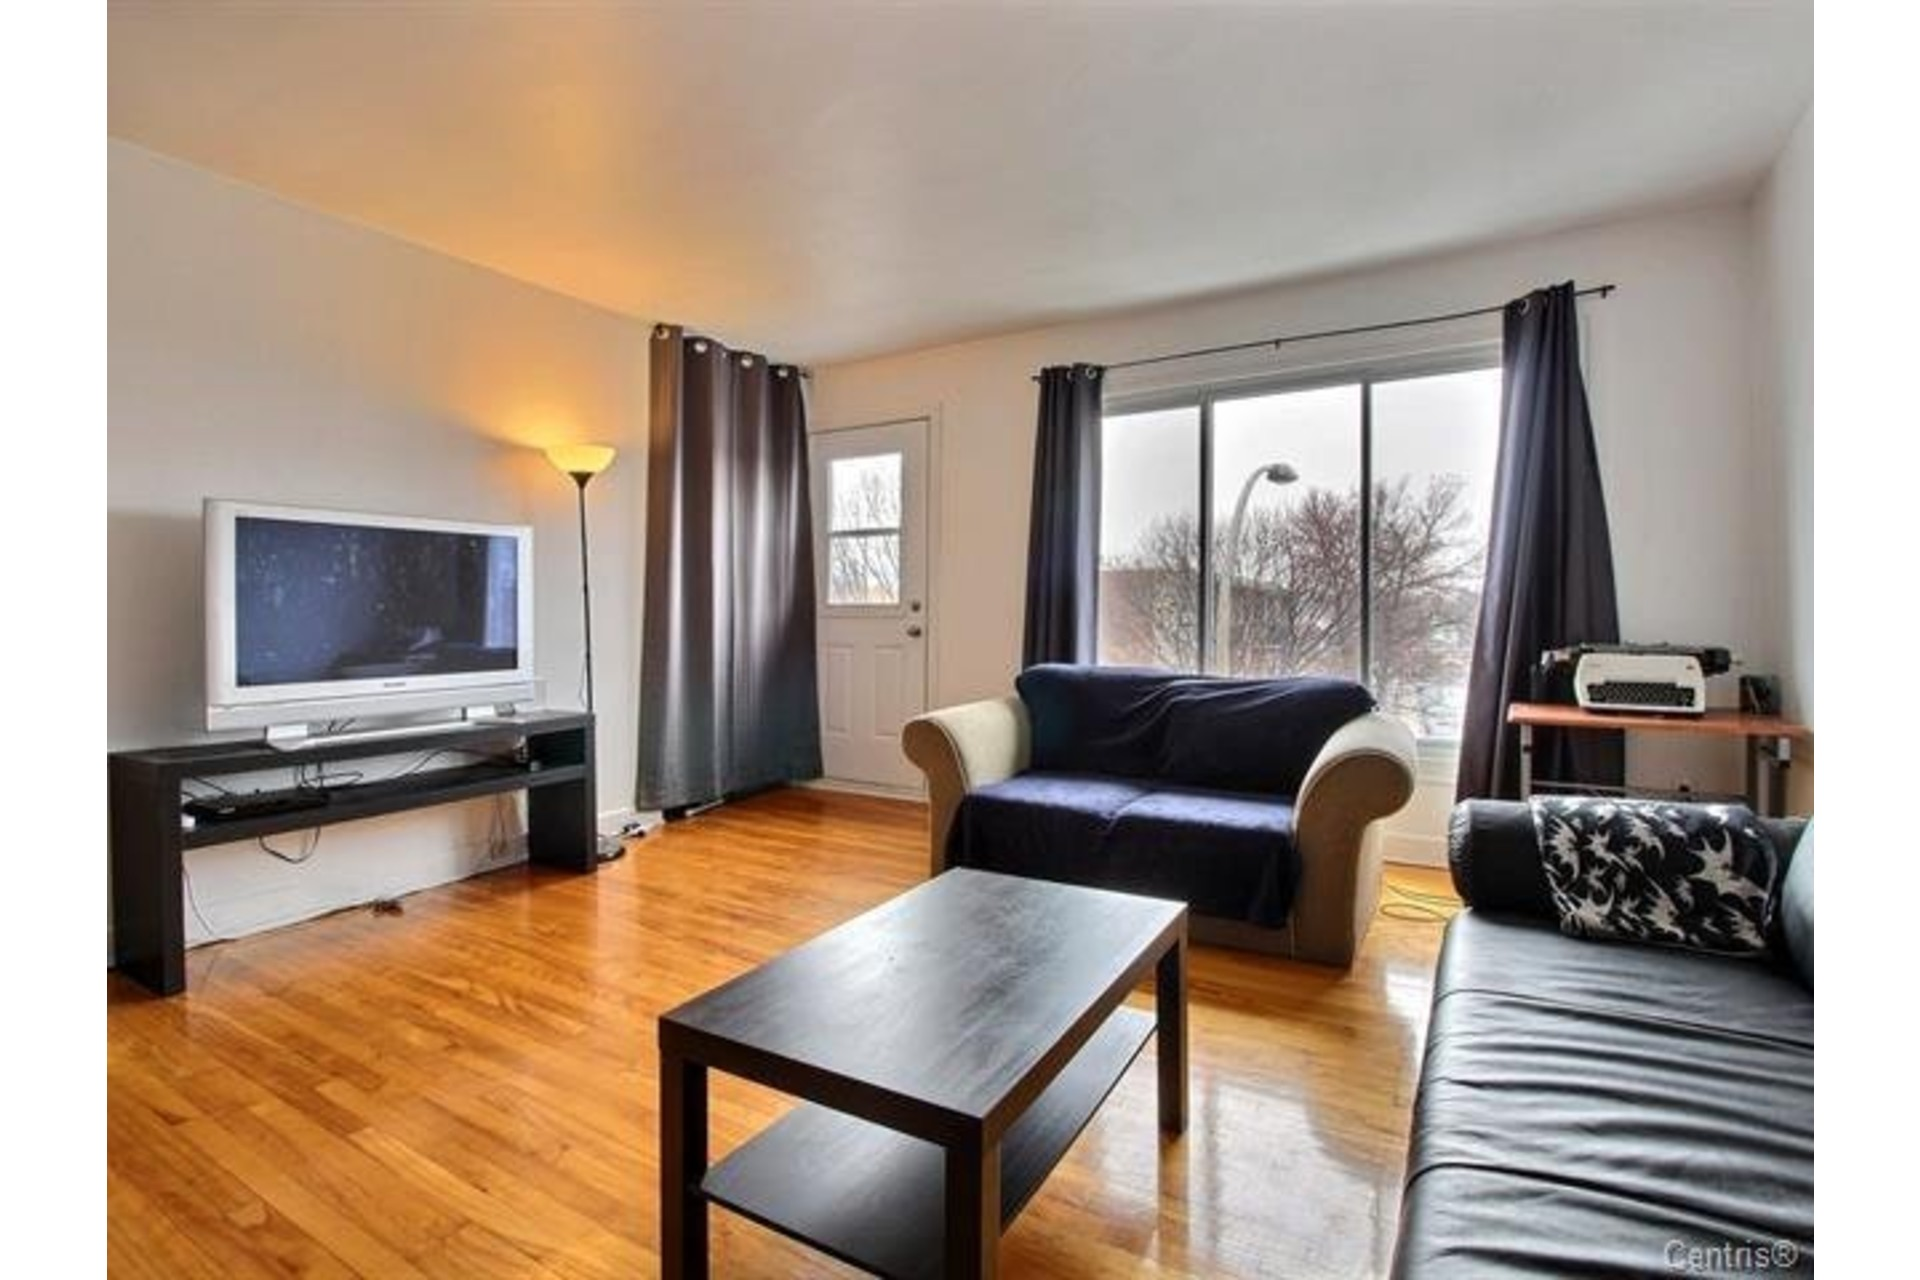 image 4 - Apartment For rent Montréal Mercier/Hochelaga-Maisonneuve  - 7 rooms